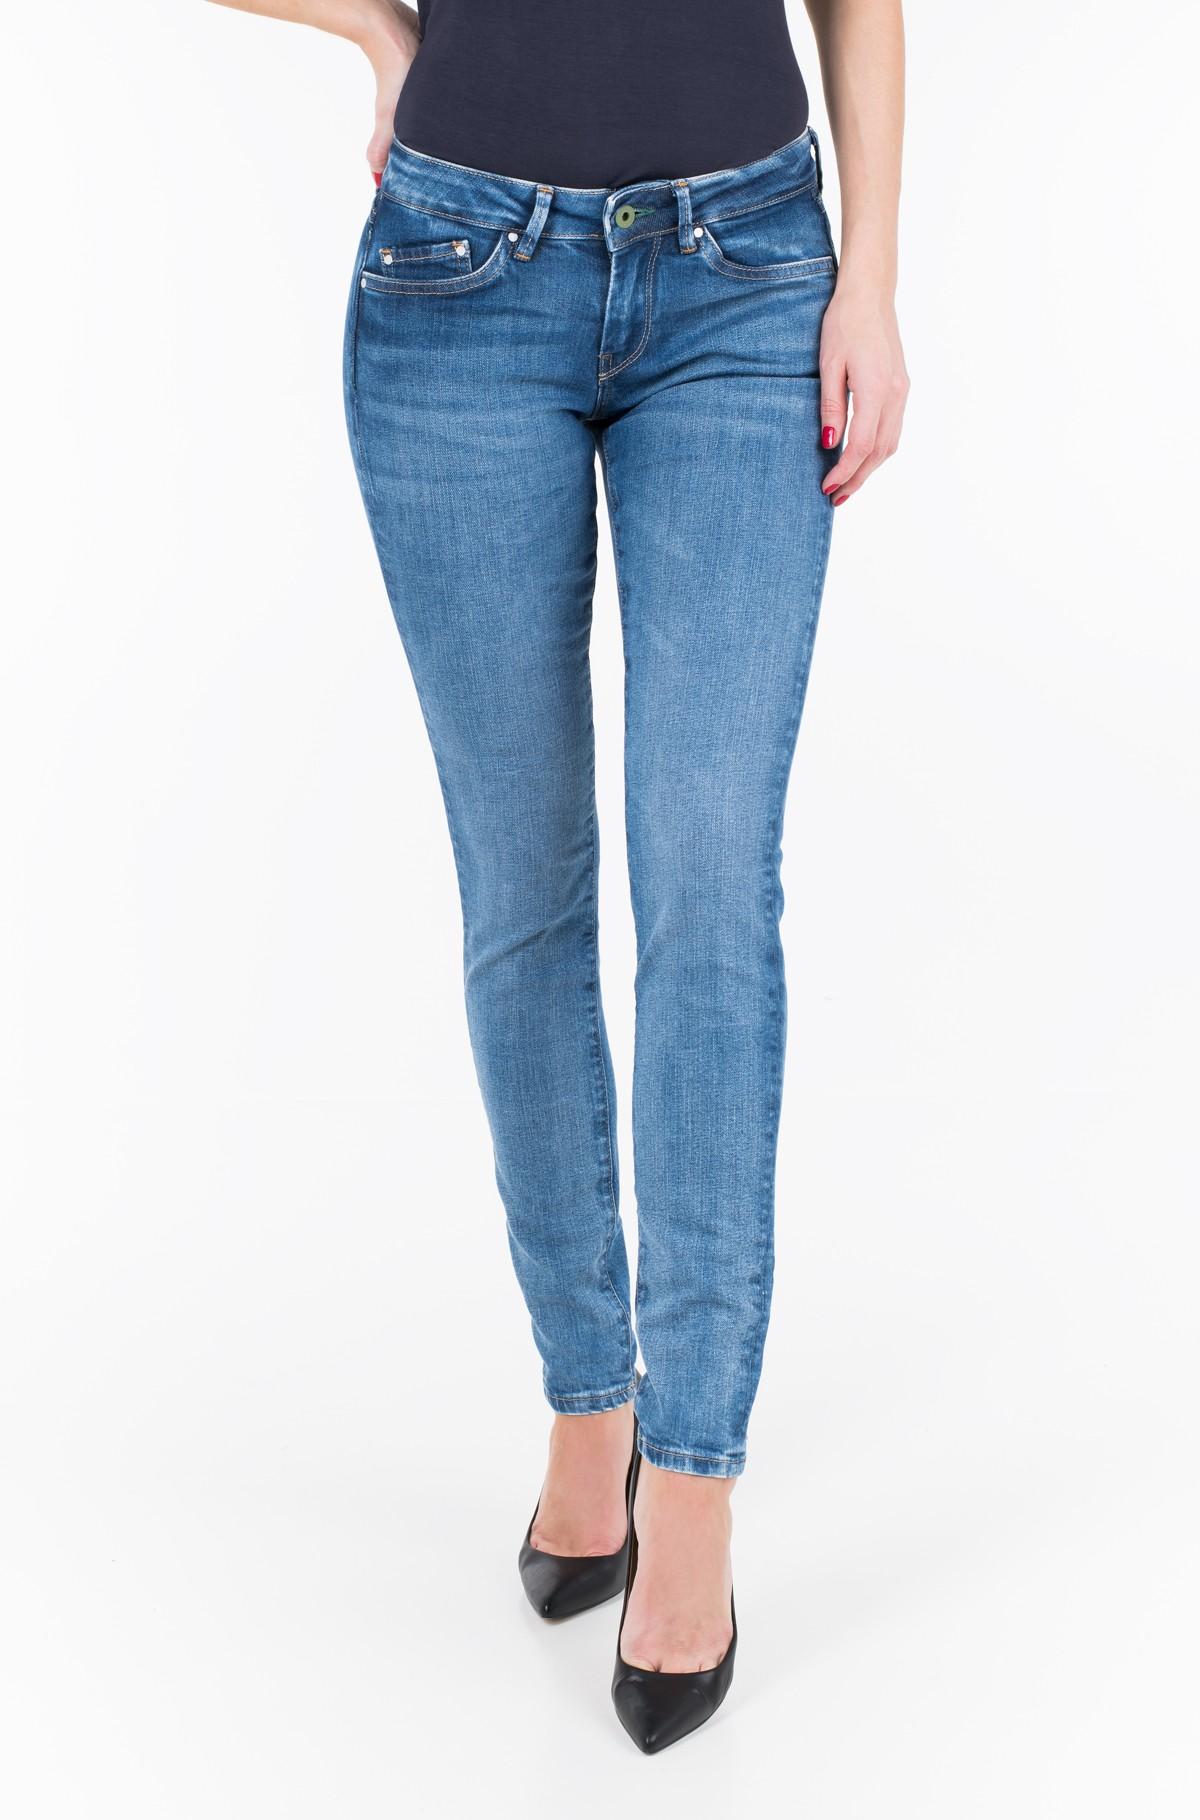 Jeans PIXIE/PL200025WZ6-full-1